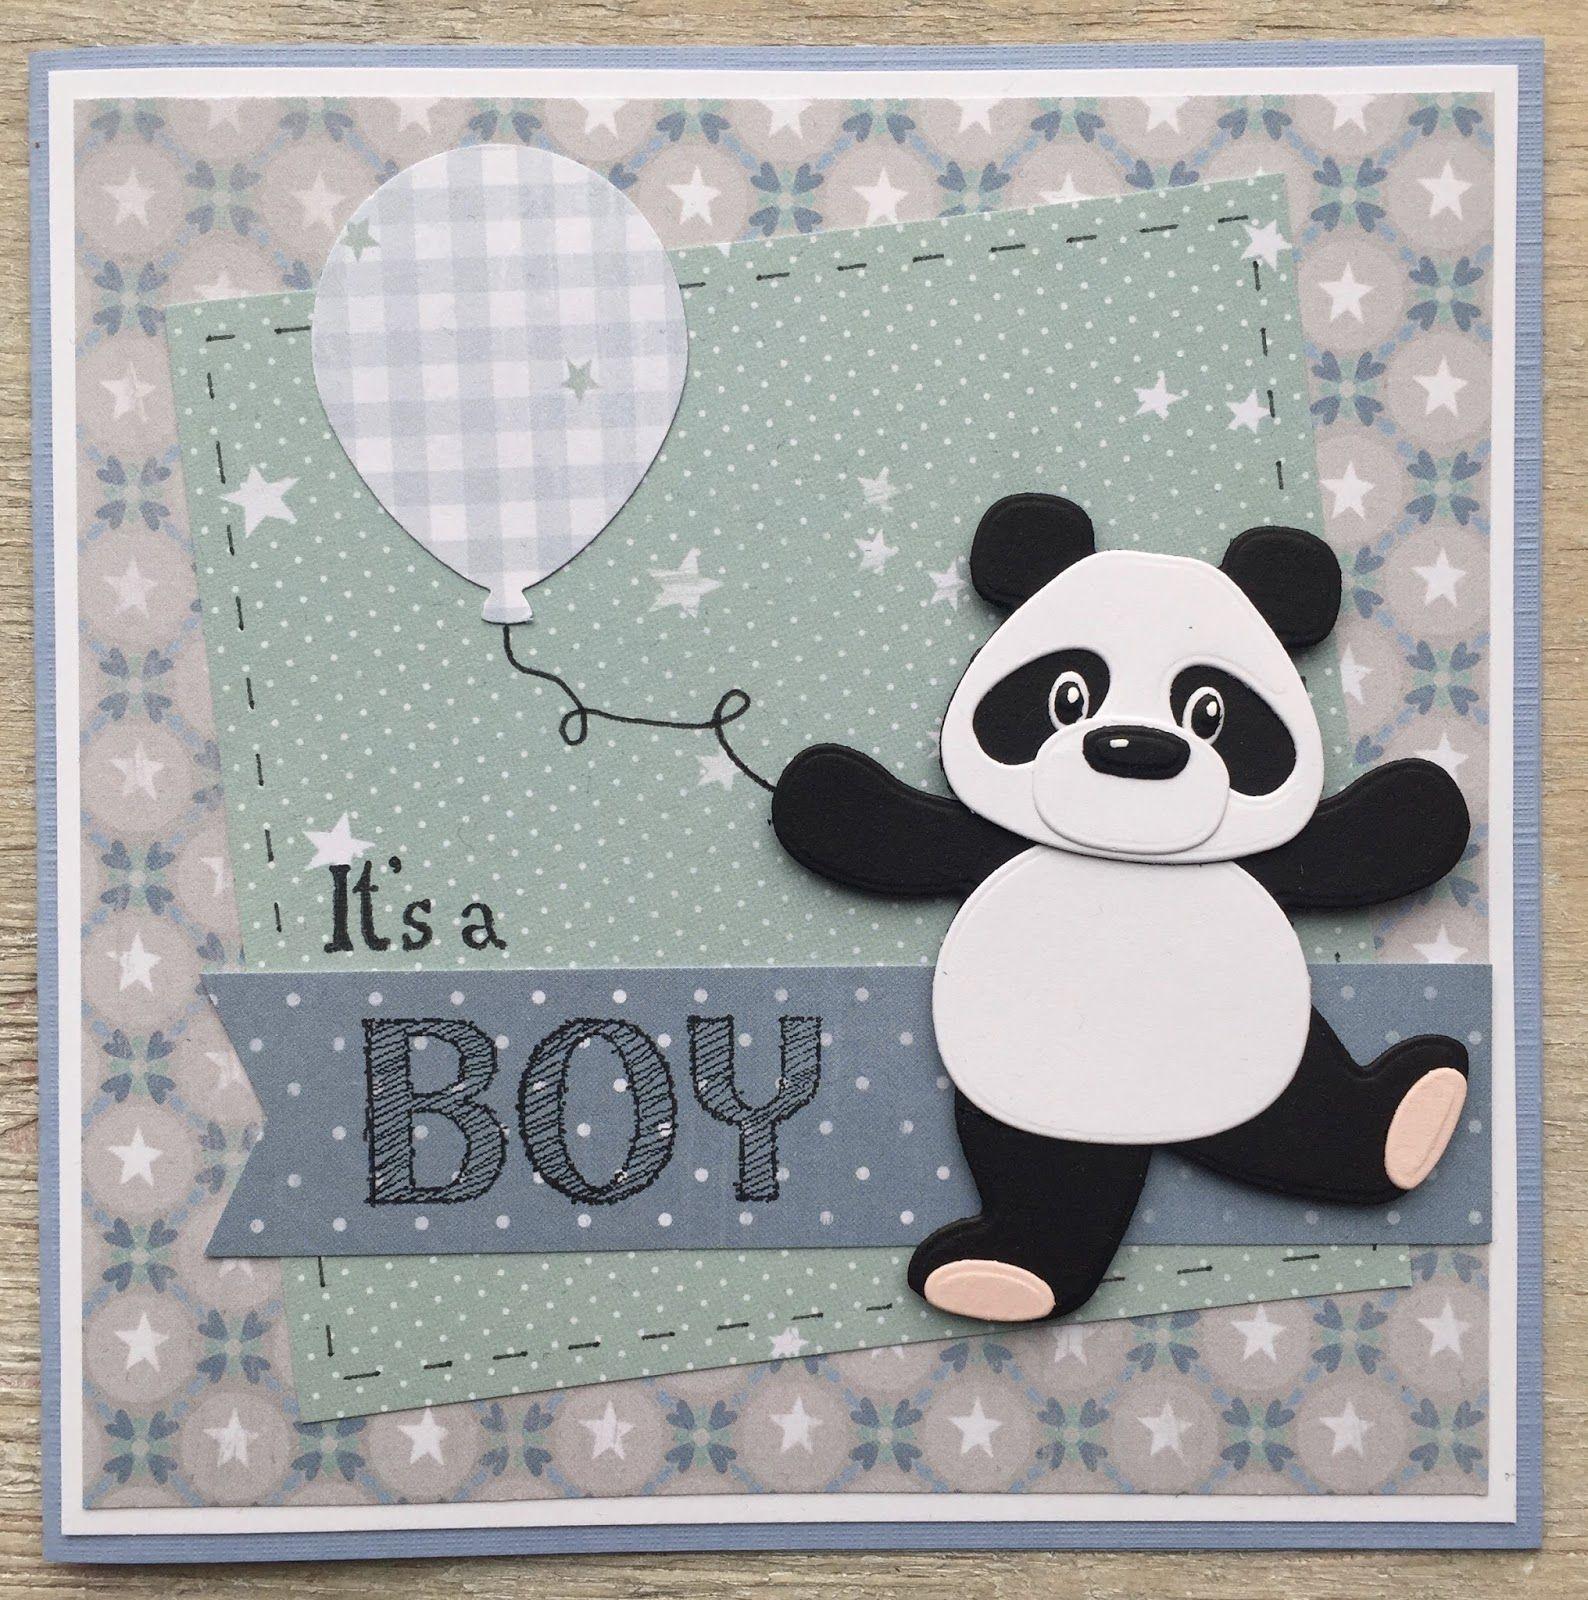 LindaCrea: Panda #3 - It's a Boy